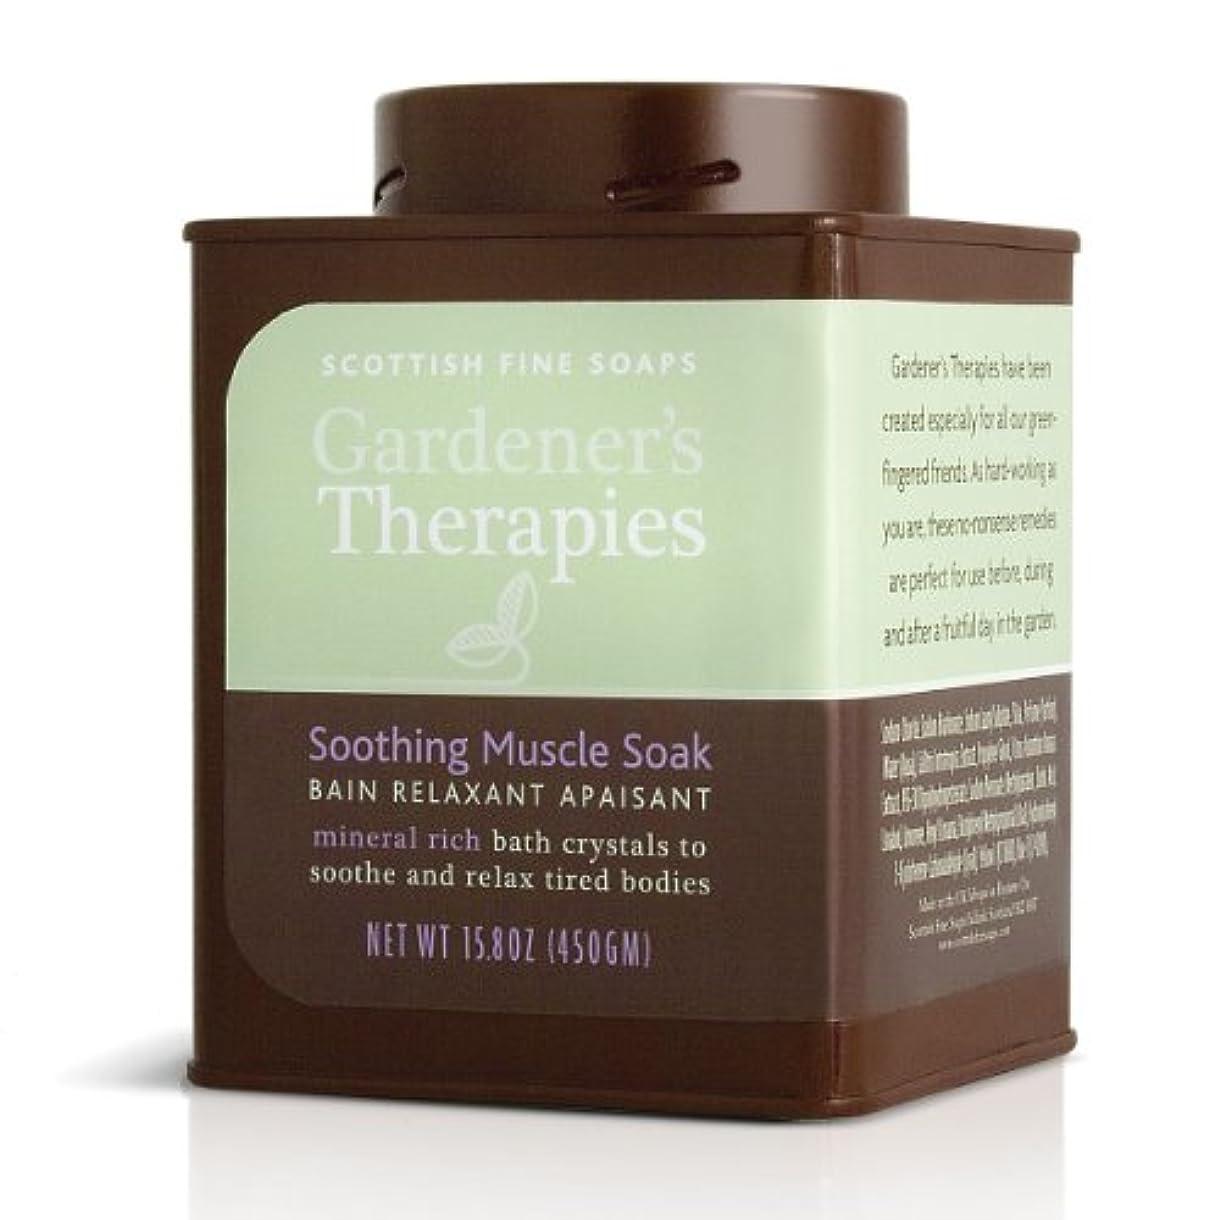 ハイランド最初に解釈するSCOTTISH FINE SOAPS(スコティッシュファインソープ) Gardener's Therapies(ガーデンセラピーシリーズ) リラクシングバスパウダー 500g 5016365005548